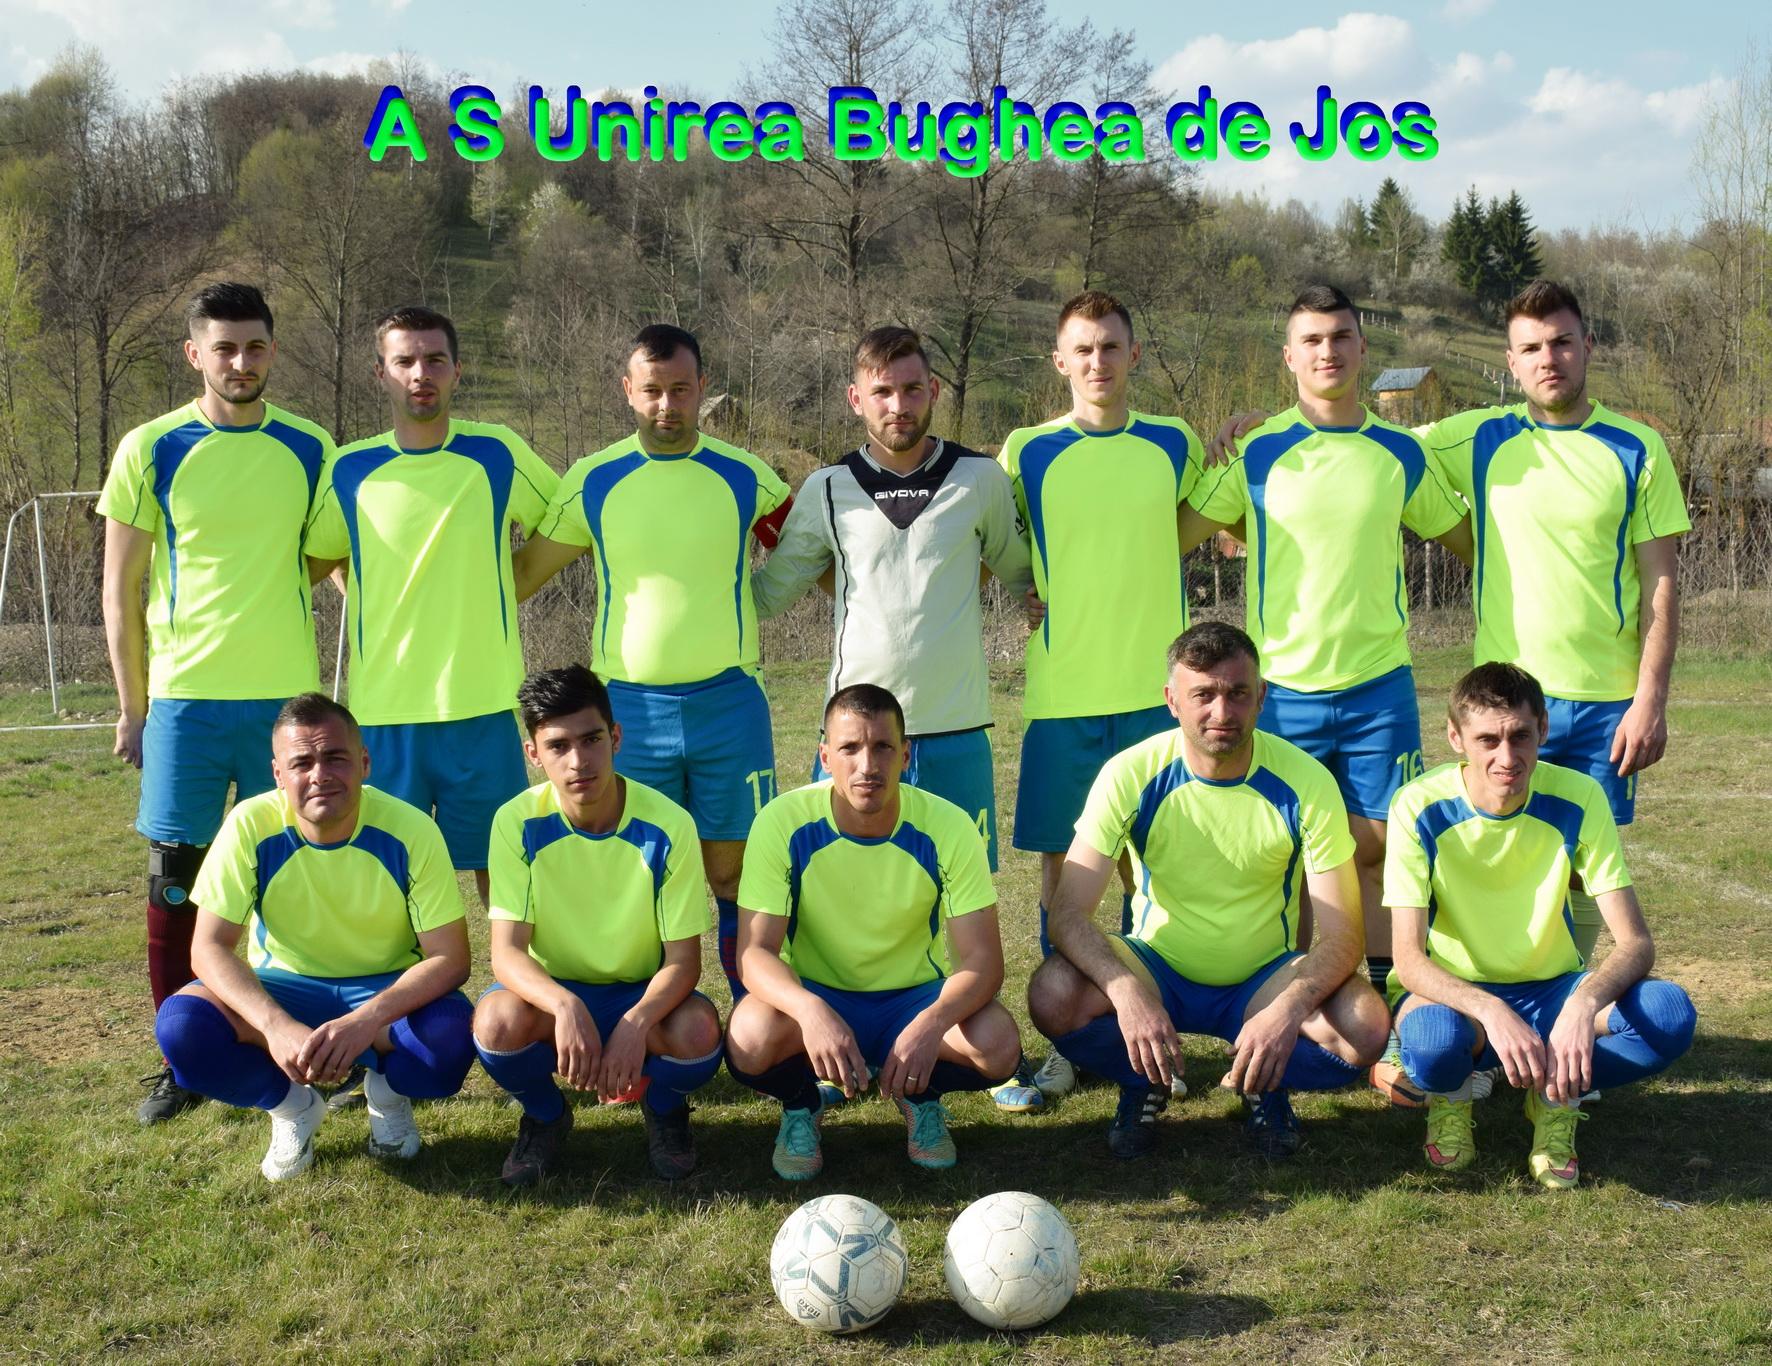 Bughea de Jos